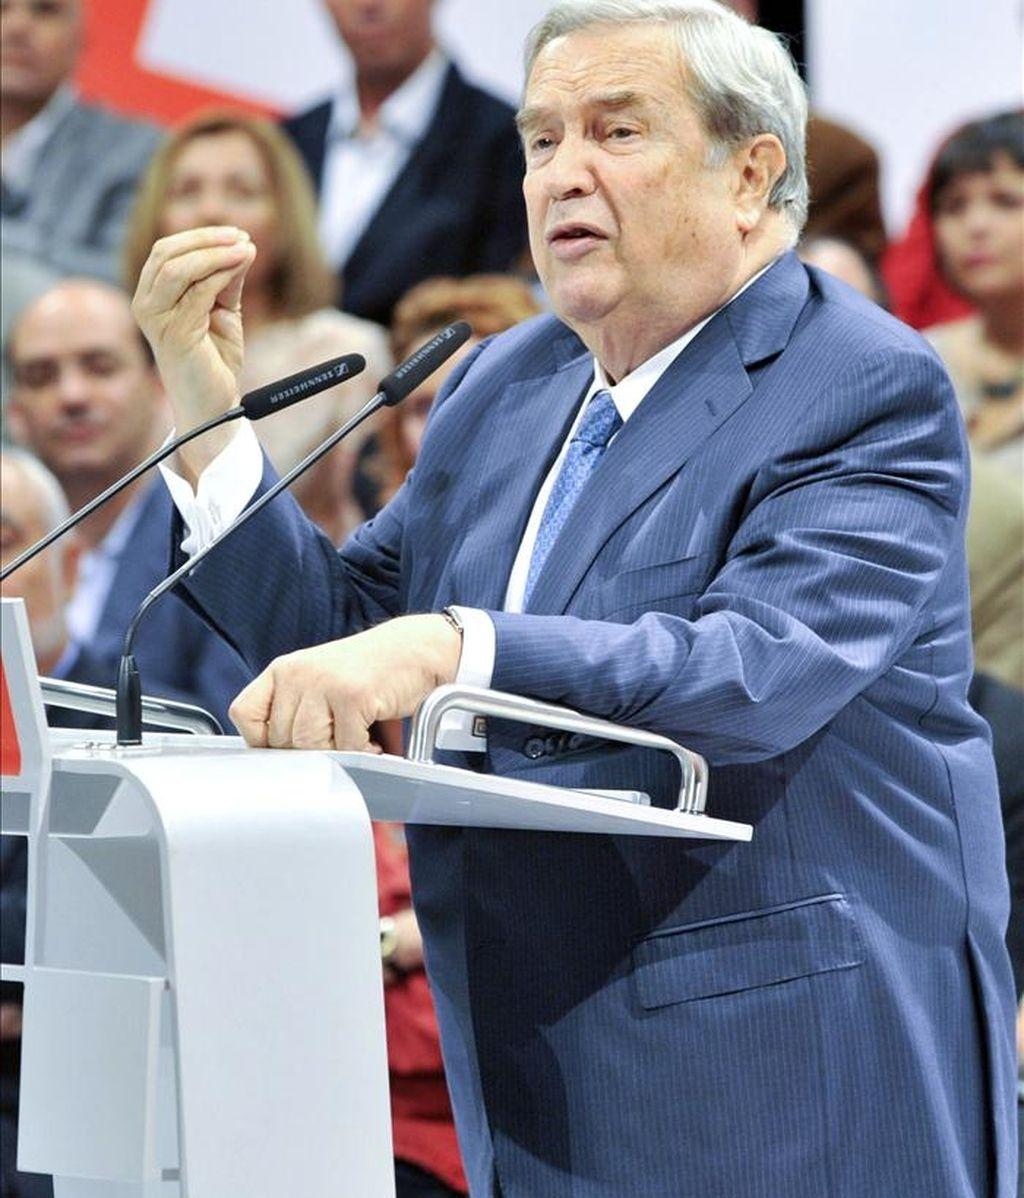 El candidato del PSOE al Ayuntamiento de Las Palmas de Gran Canaria, Jerónimo Saavedra. EFE/Archivo